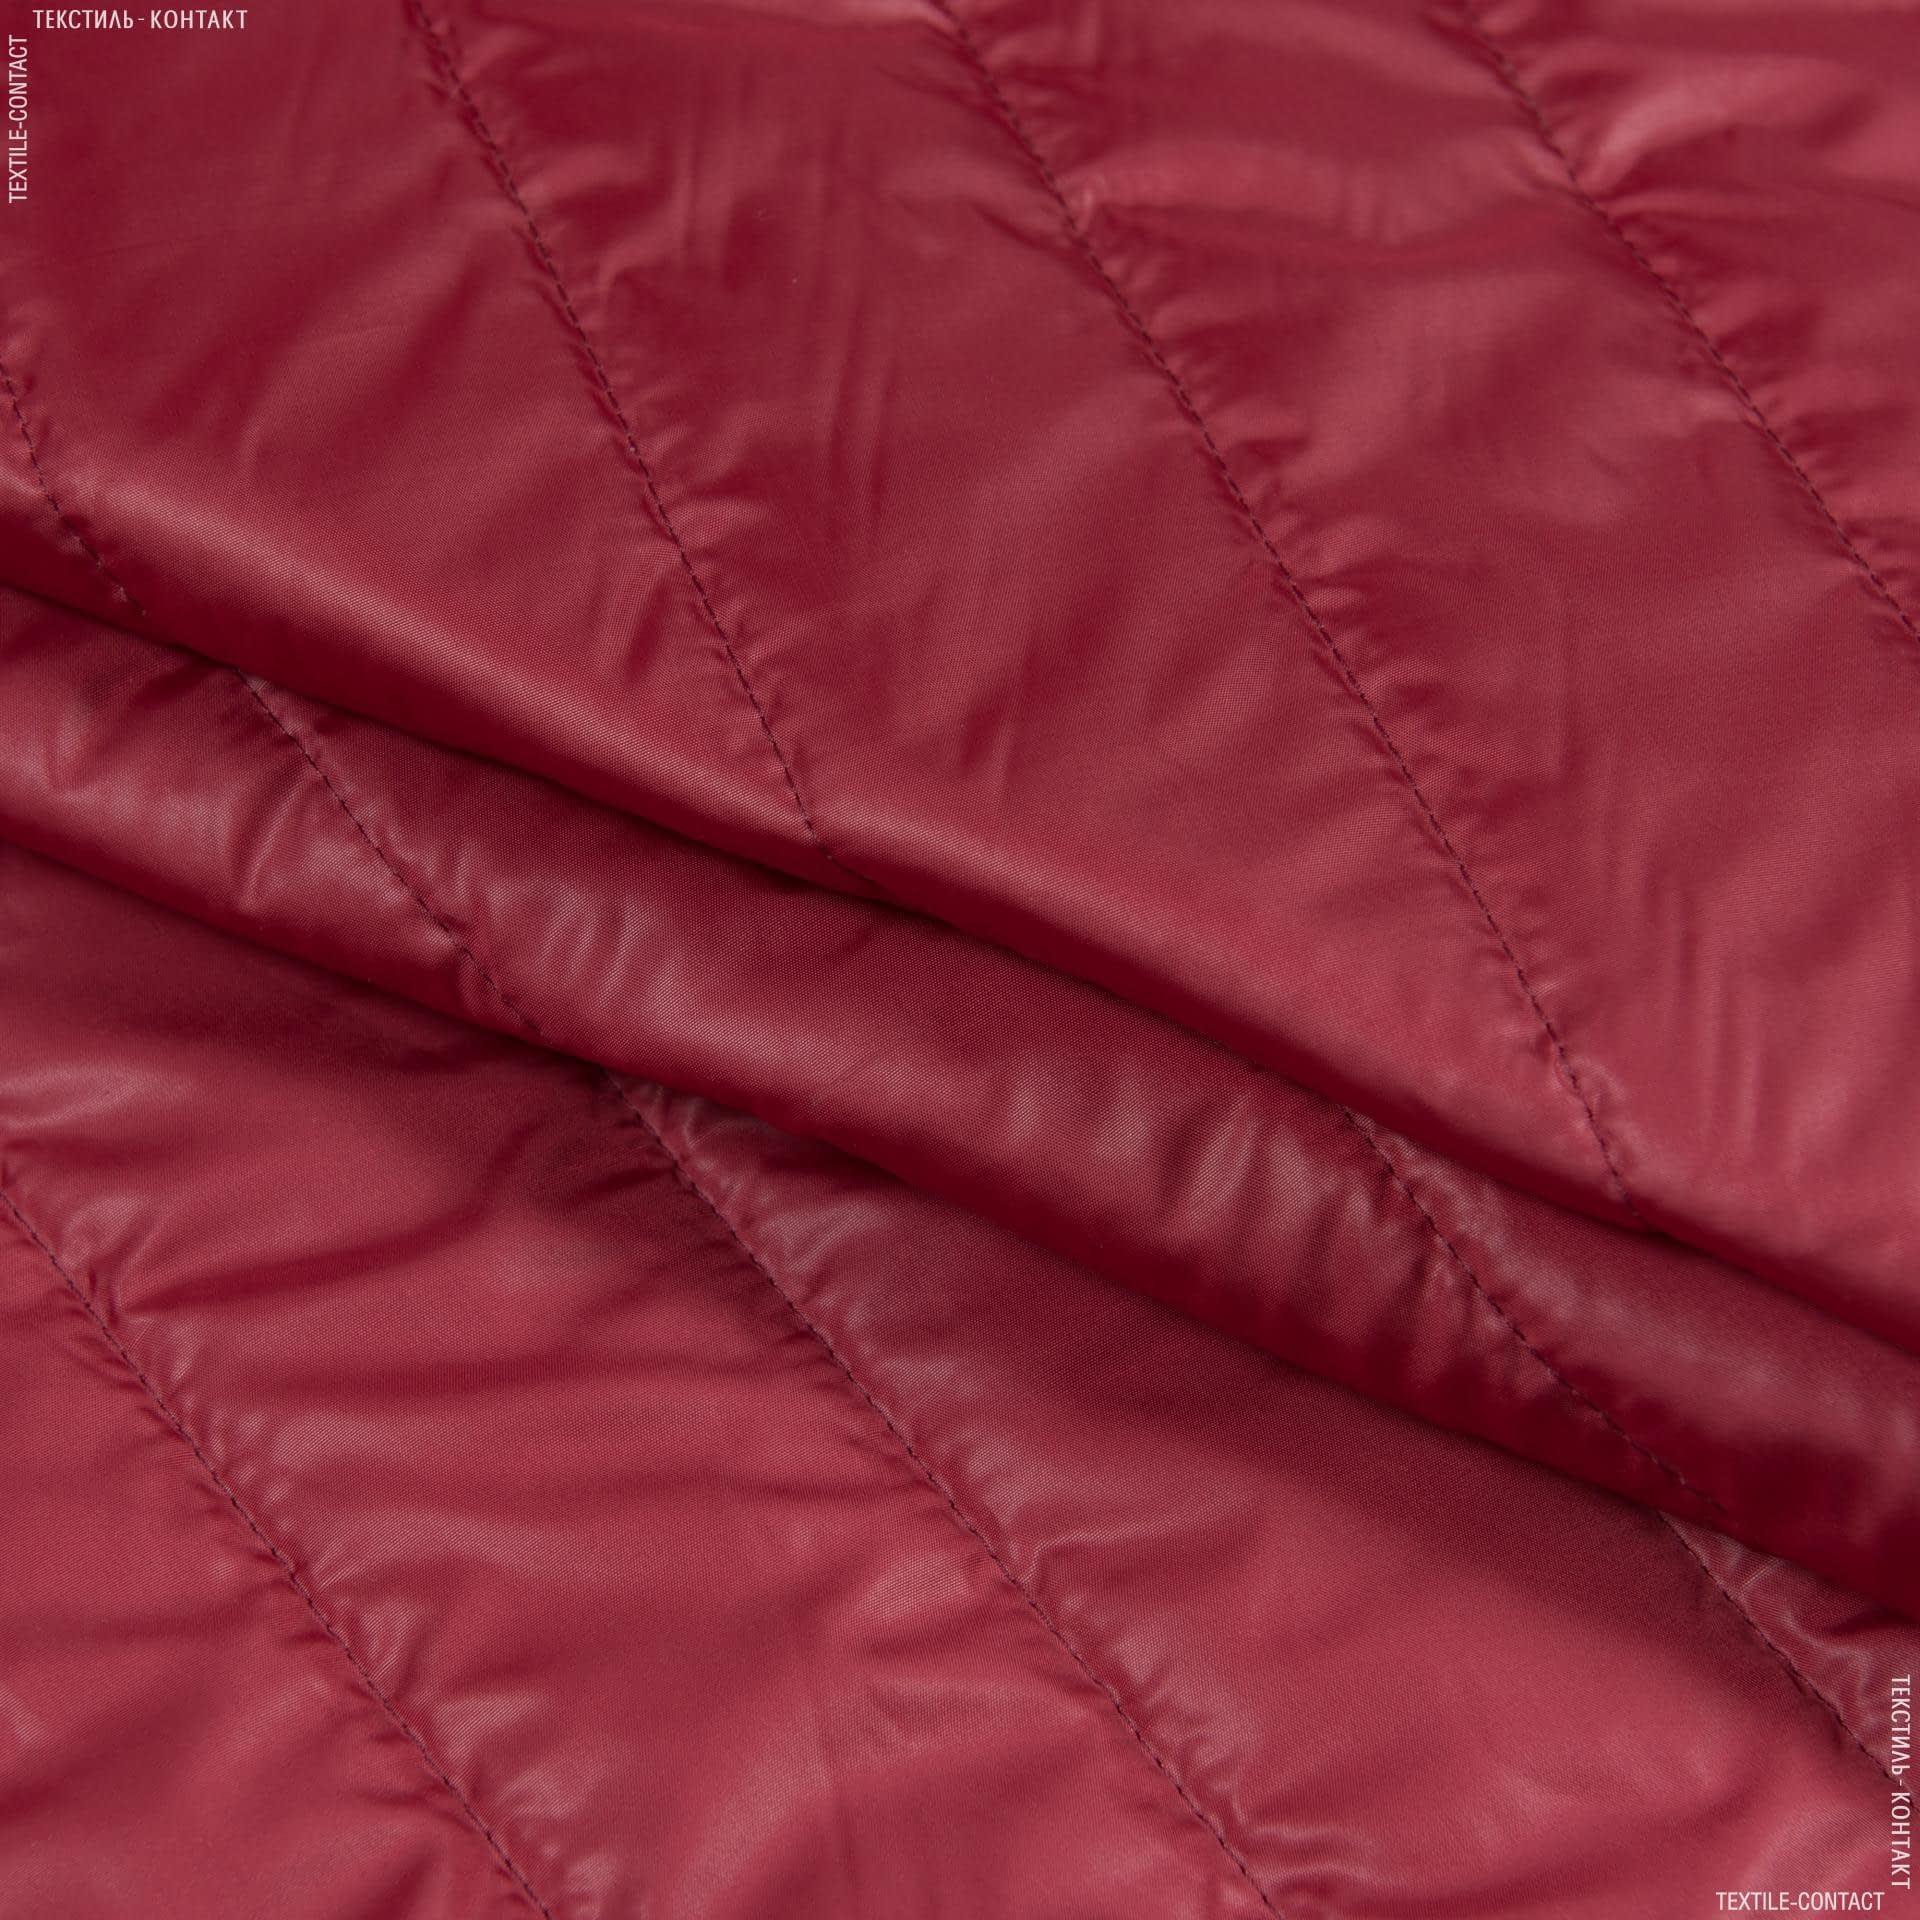 Ткани для верхней одежды - Плащевая руби лаке стеганая темно-красный